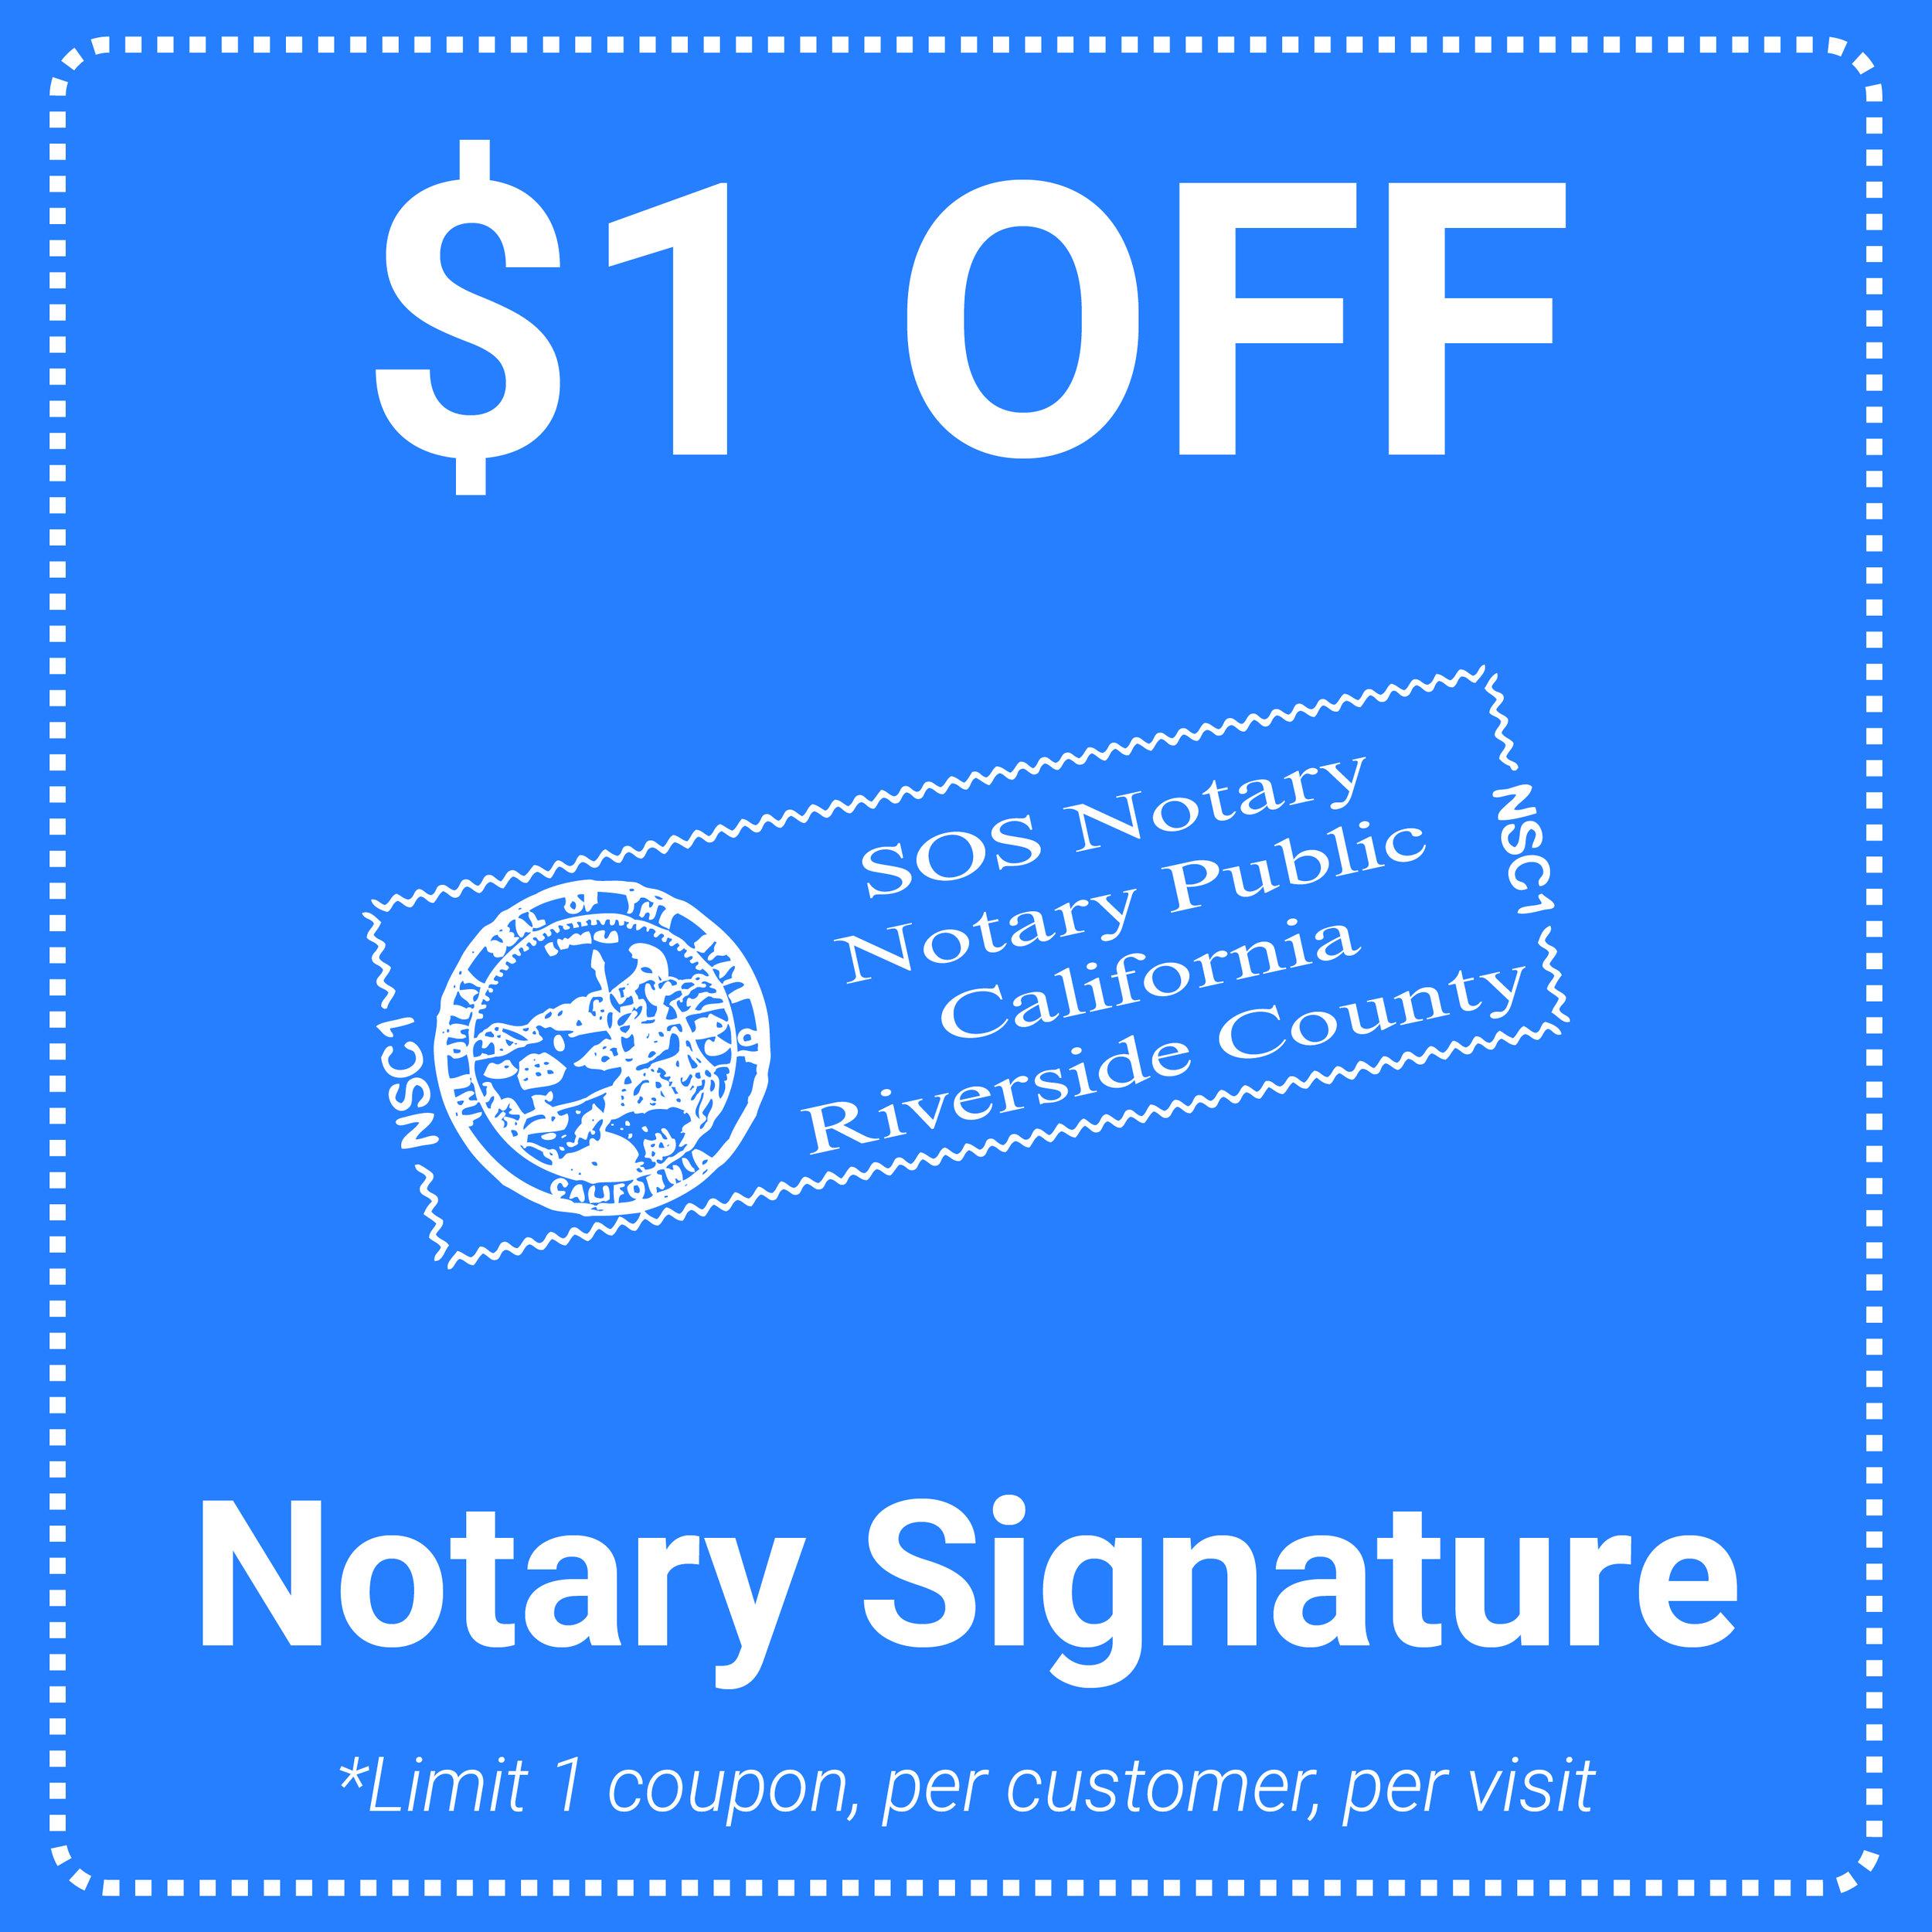 Notary Signature-01.jpg